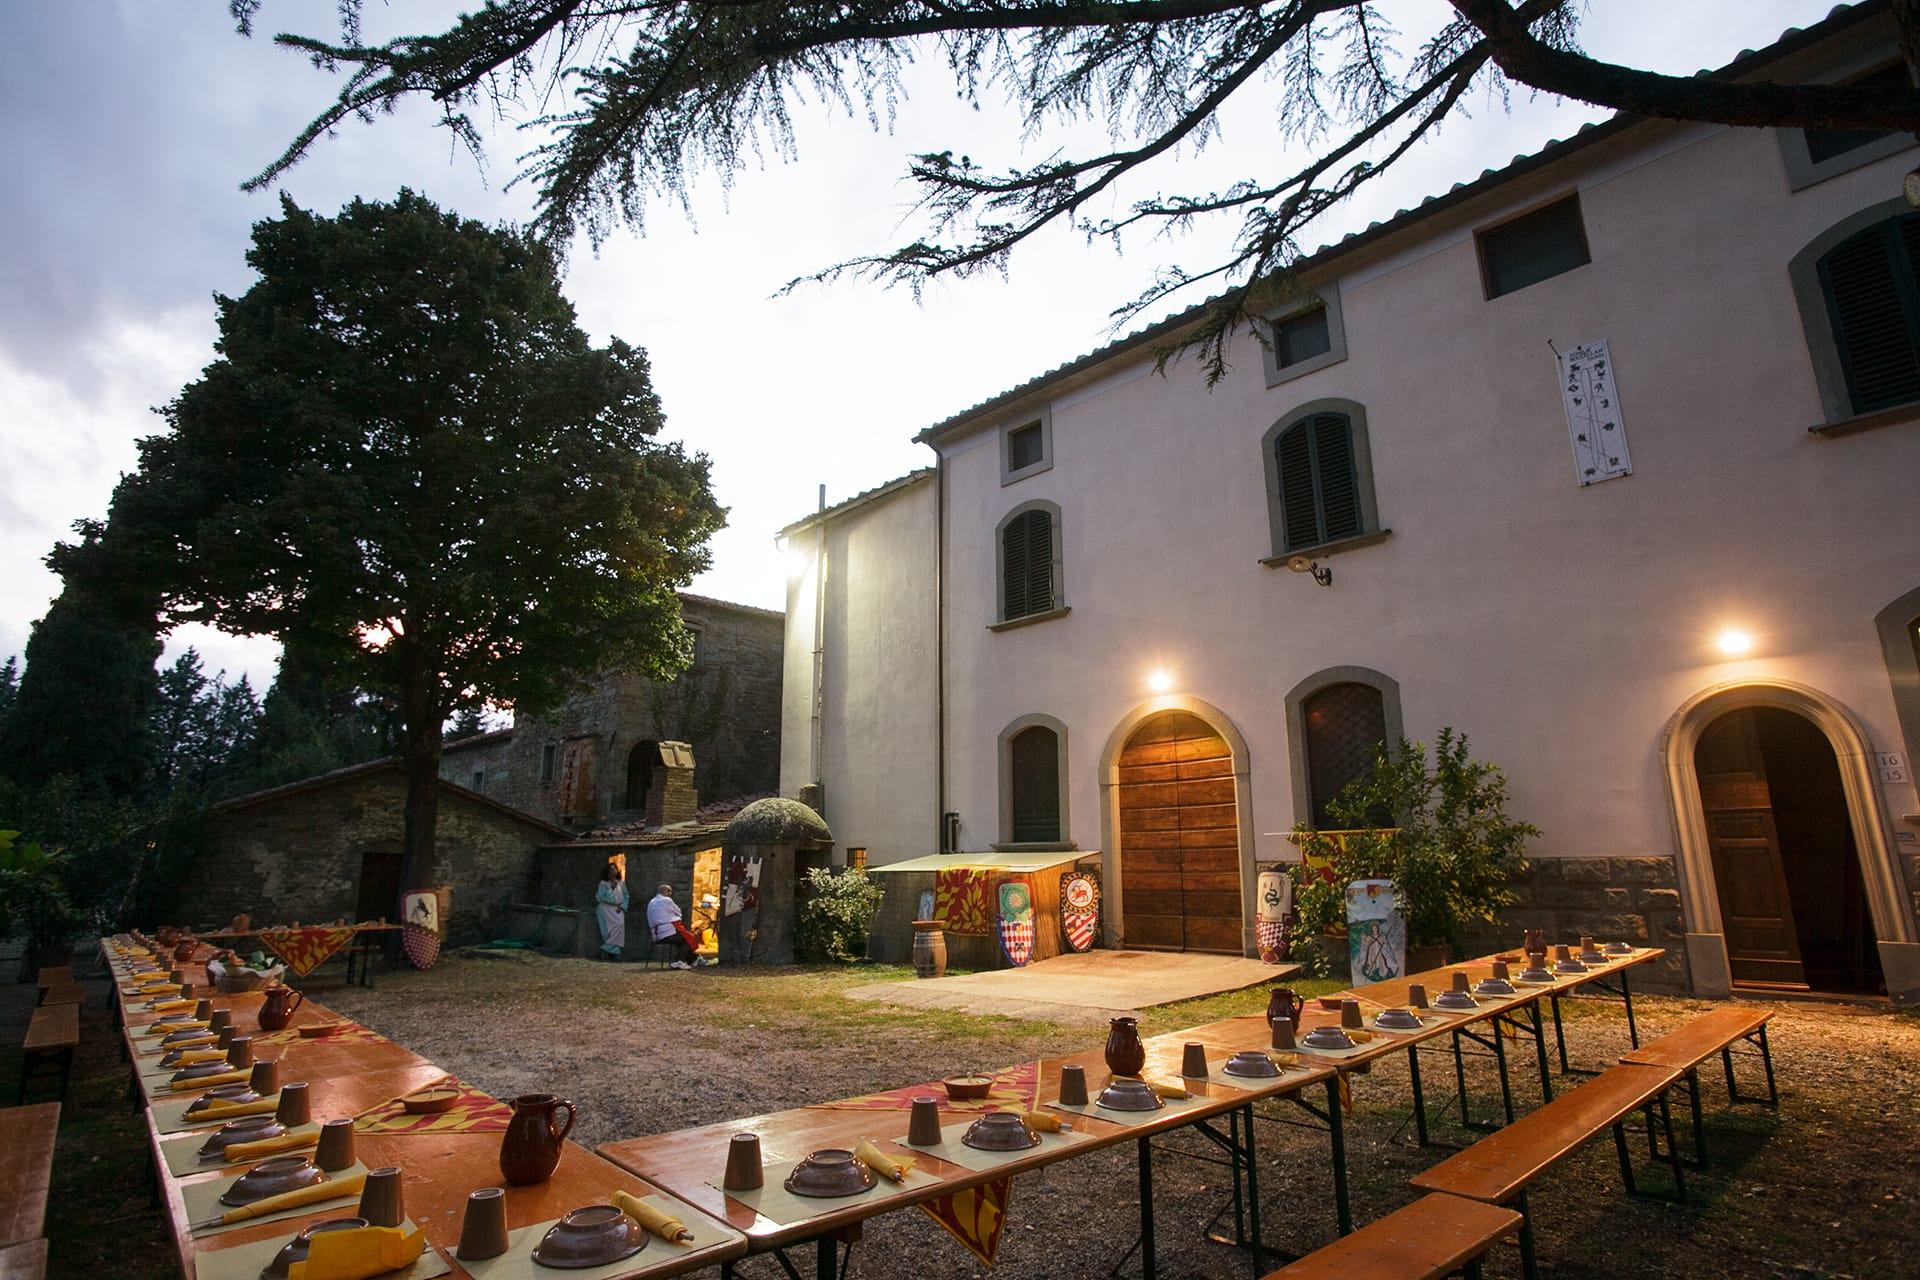 Wedding Location in Castiglion Fiorentino, Tuscany